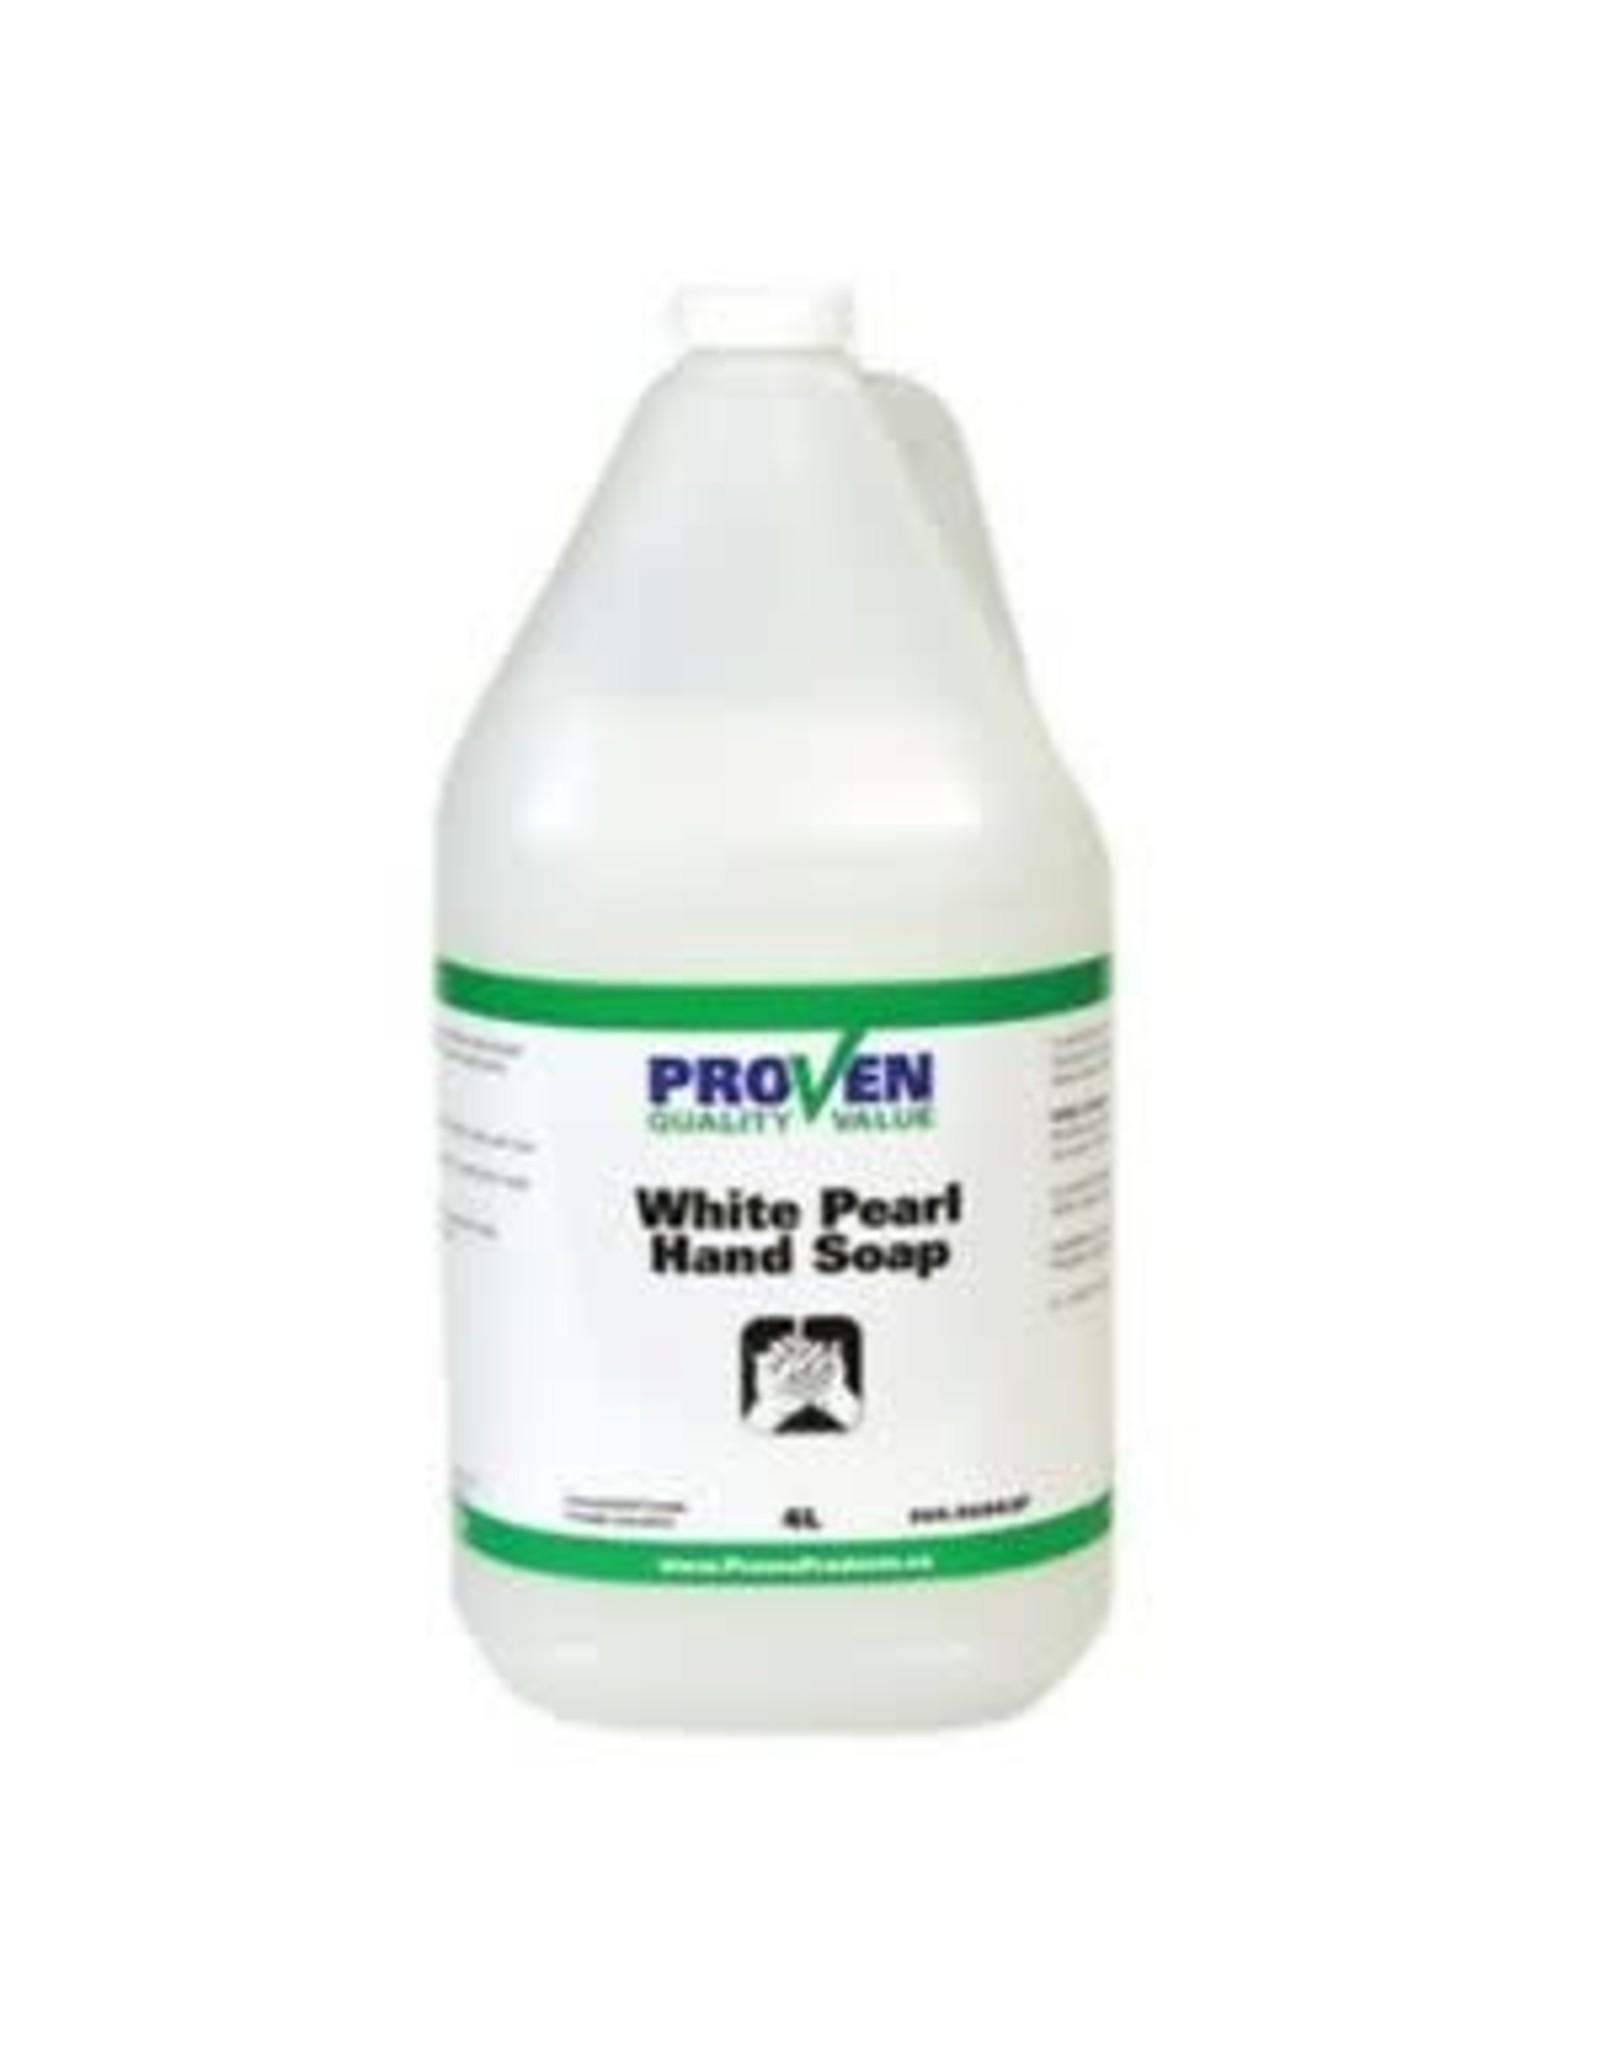 Proven Proven White Pearl Hand Soap - 4L